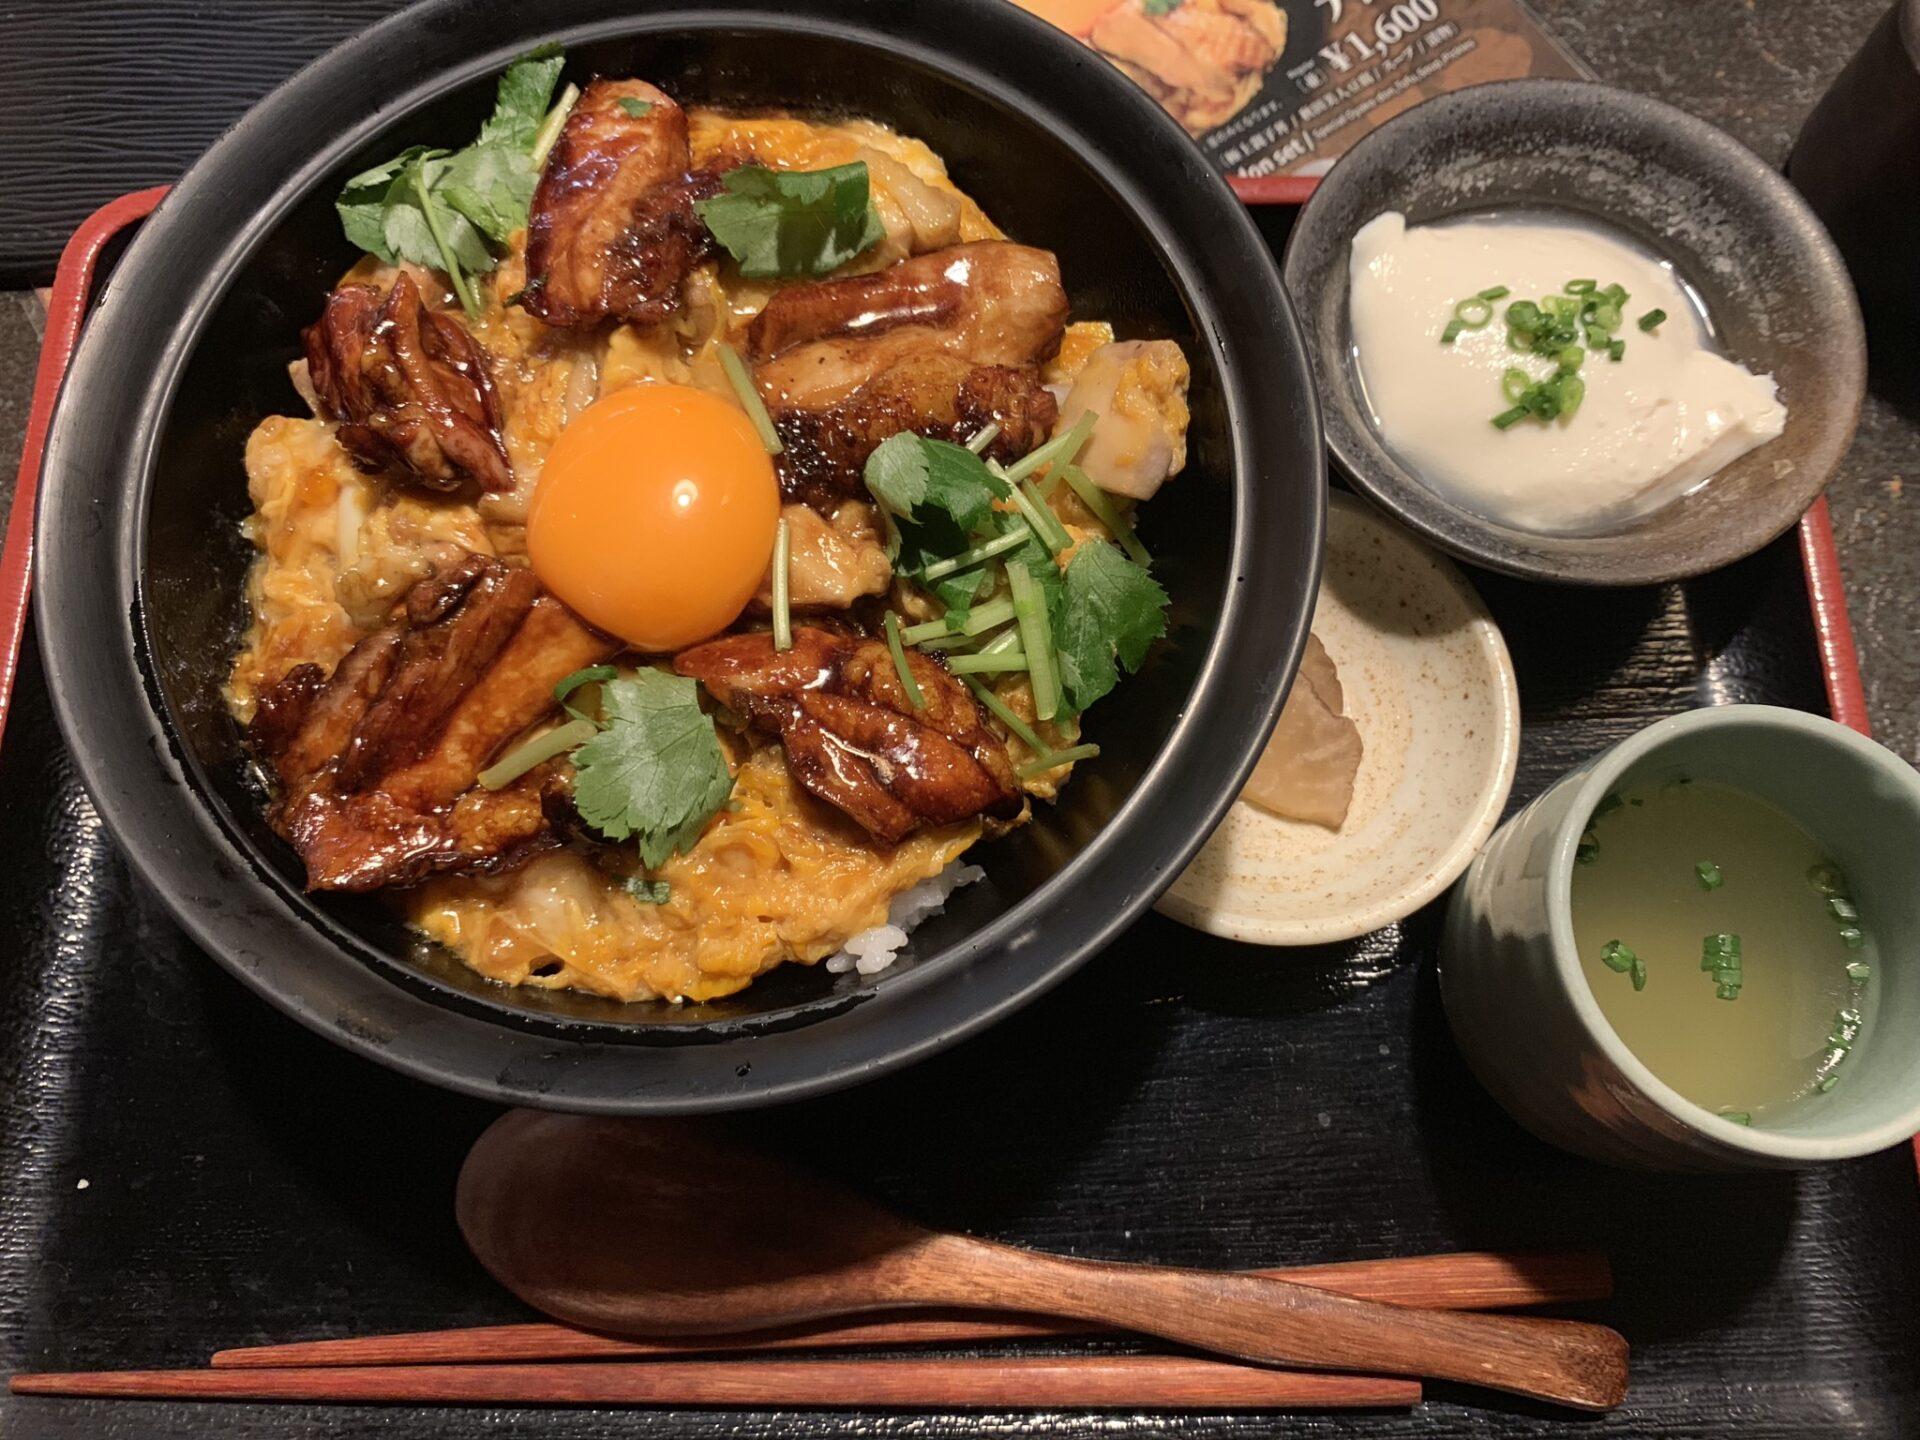 親子丼ランチ @ 本家あべや(神楽坂 / 東京)